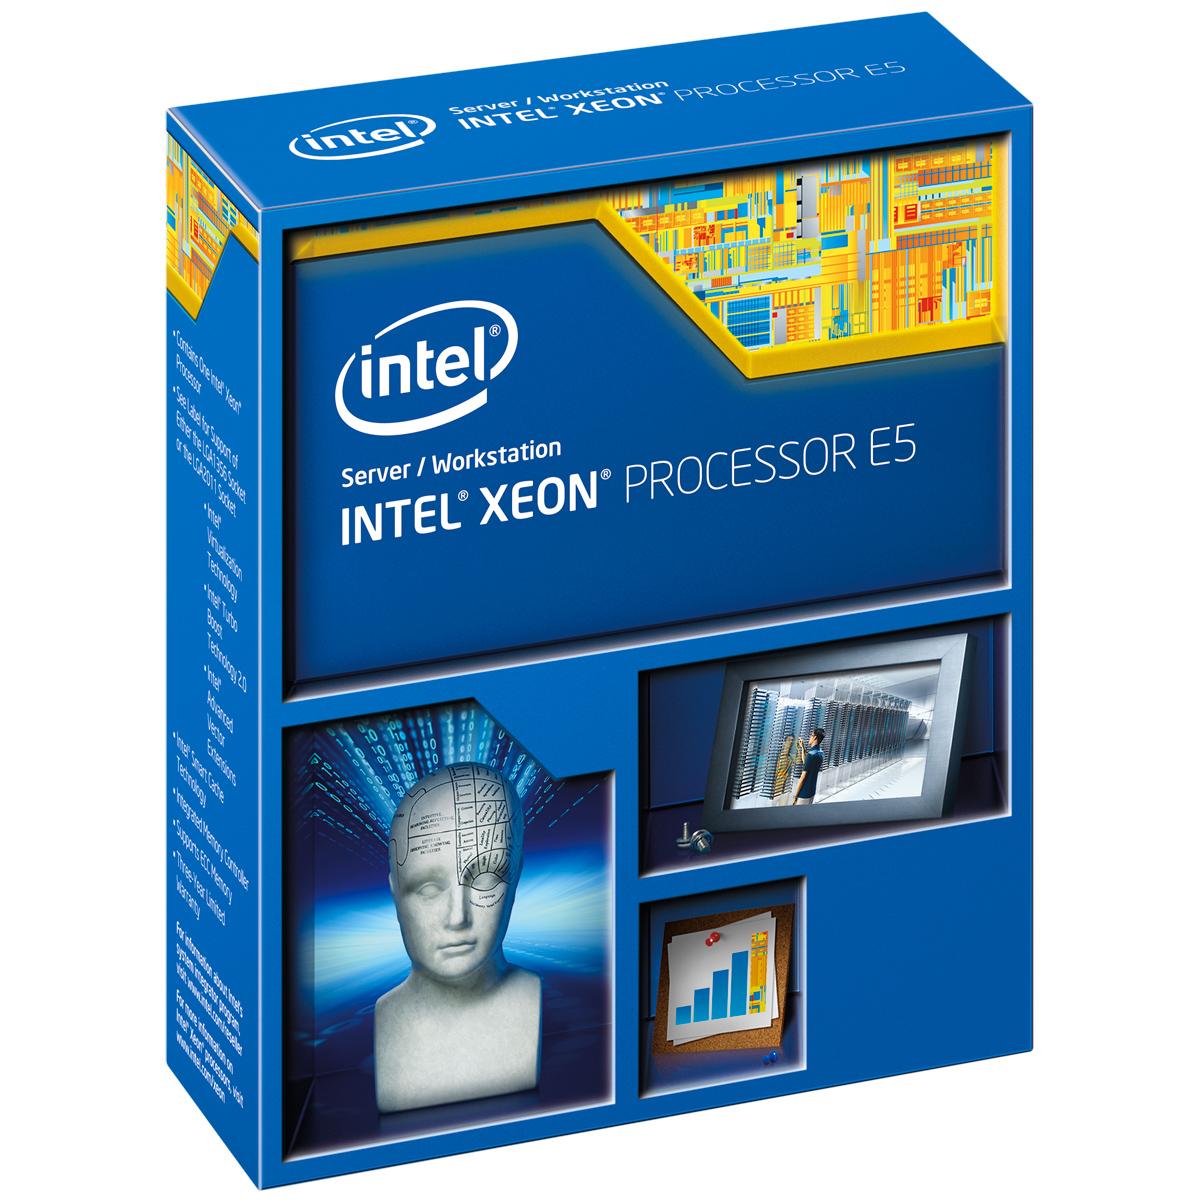 Processeur Intel Xeon E5-2660 v2 (2.2 GHz) Processeur 10-Core Socket 2011 QPI 8GT/s Cache 25 Mo 0.022 micron (version boîte/sans ventilateur - garantie Intel 3 ans)